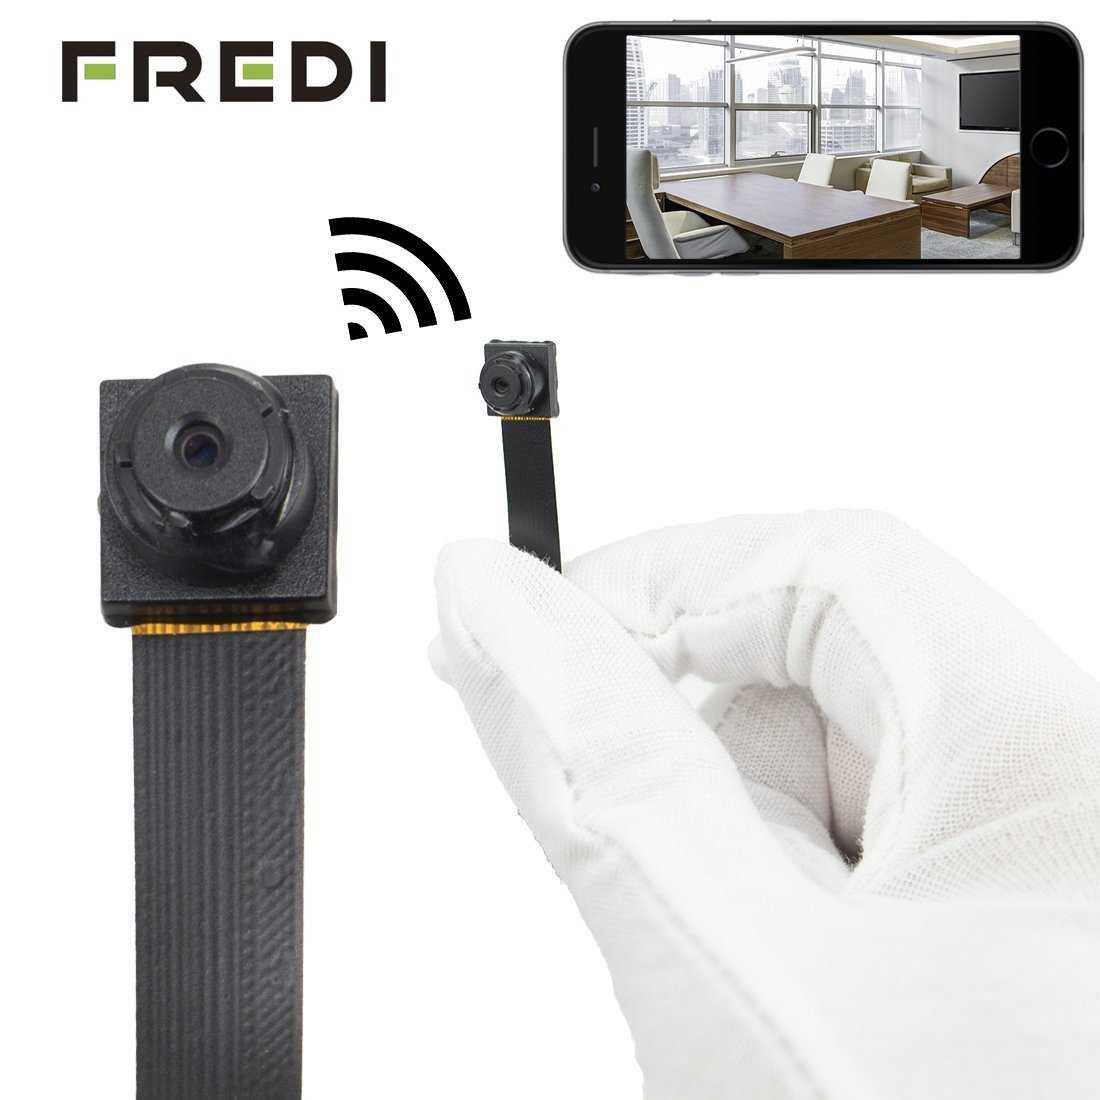 Small Spy Cameras For Bedroom  FREDI HD Mini Small Portable P2P Wireless WiFi Digital